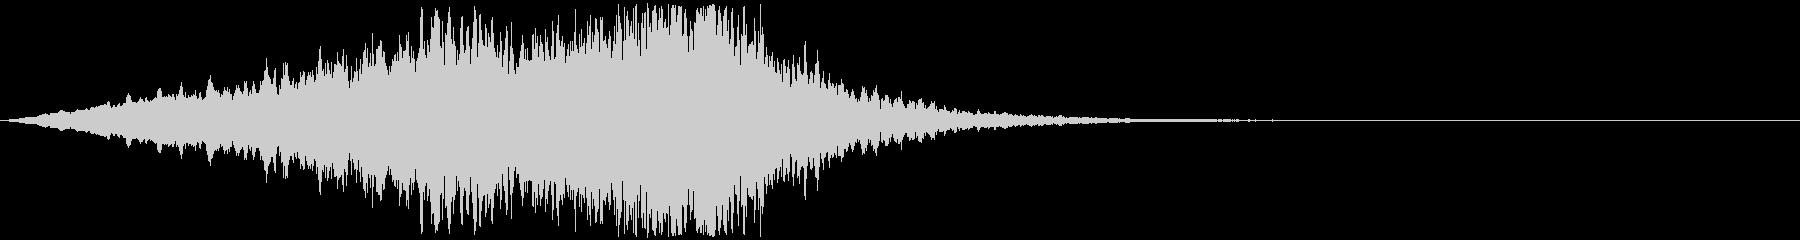 怖い系効果音 キィー 弦楽器の不協和音の未再生の波形